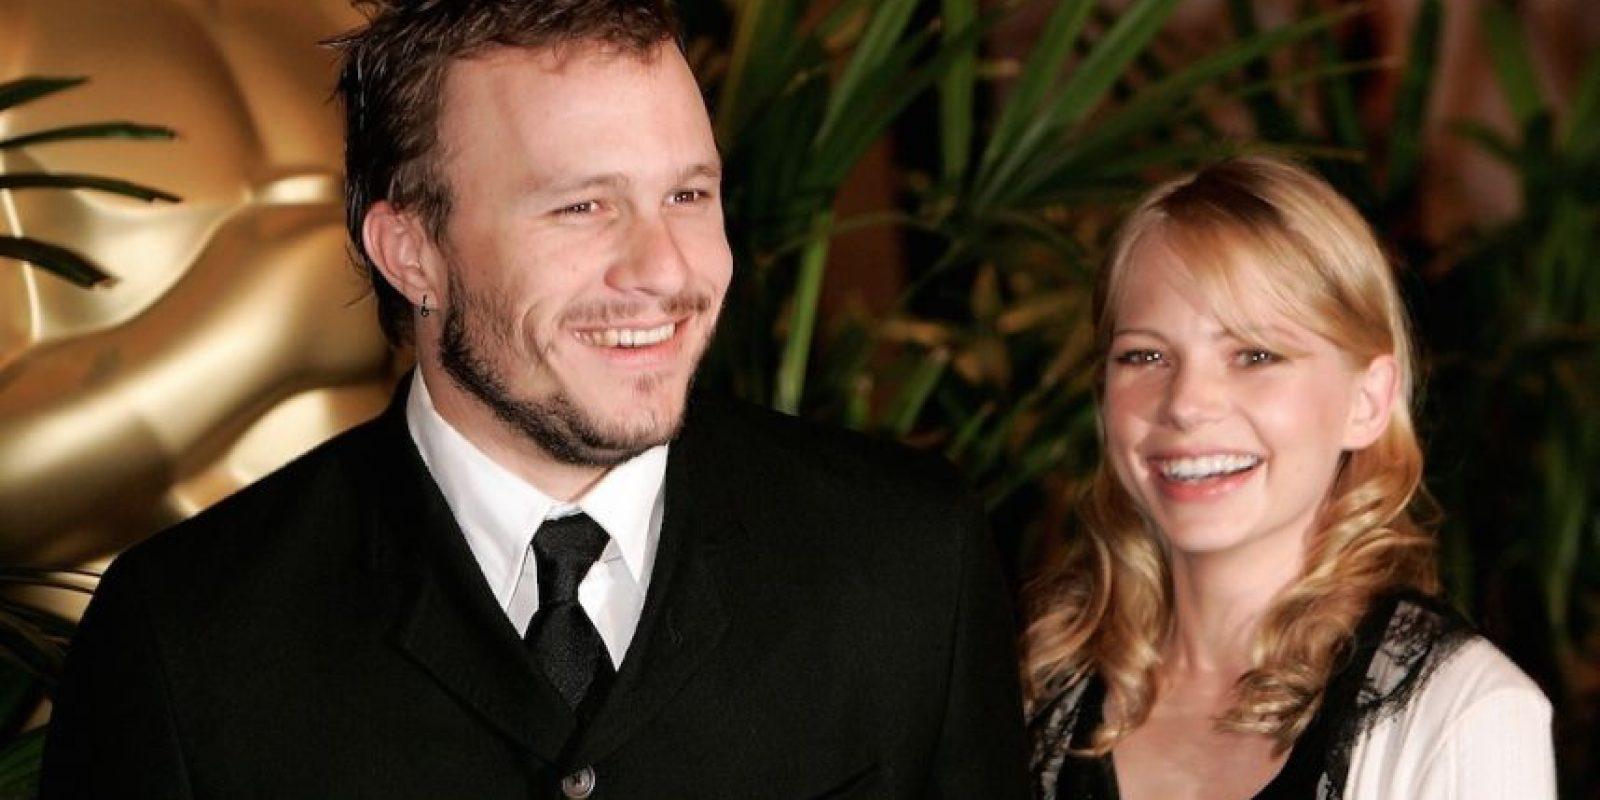 """El actor se enamoró a primera vista y luego del estreno, ya había conquistado a la estrella de """"Dawson's Creek"""". Foto:Getty Images"""